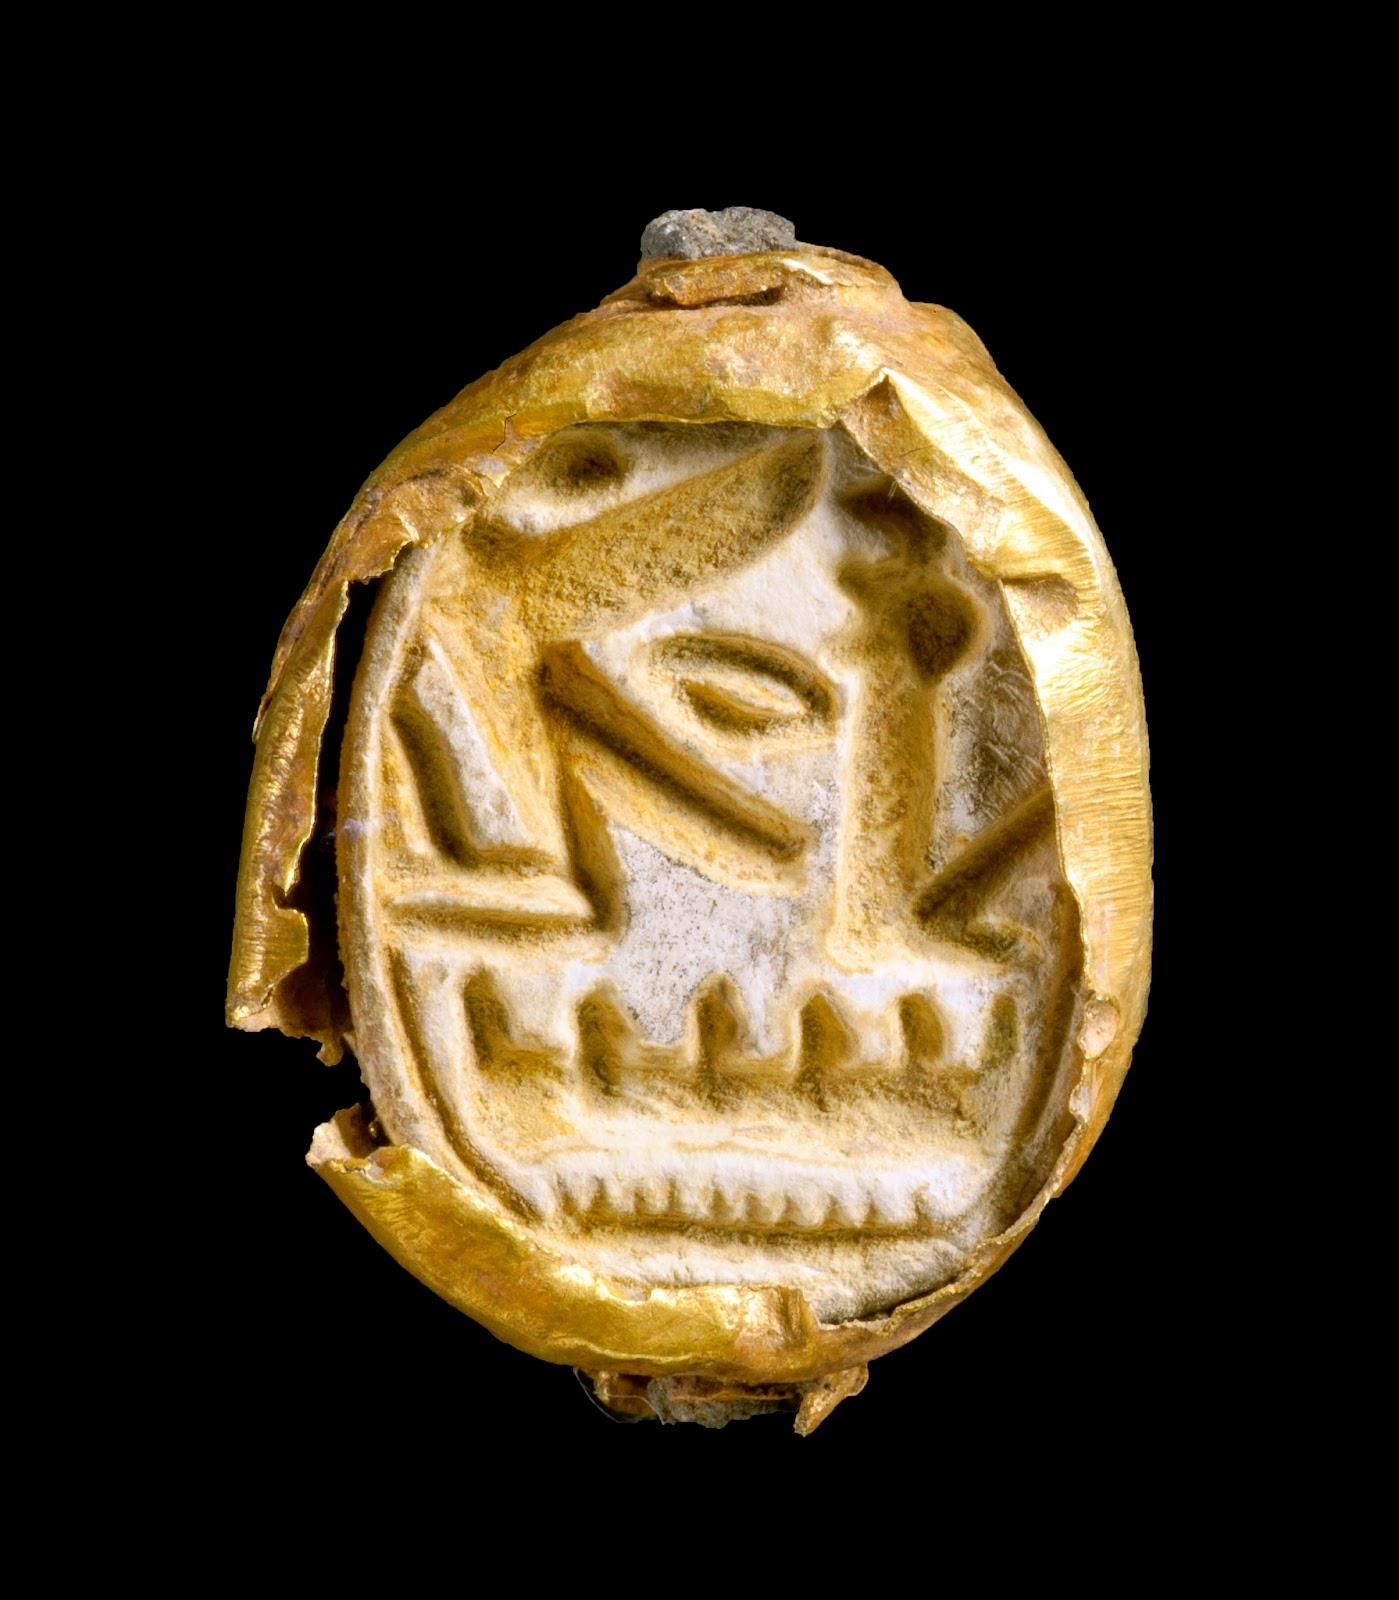 Il sigillo a forma di scarabeo ritrovato nel sarcofago Foto Clara Amit Israel Antiquities Authority